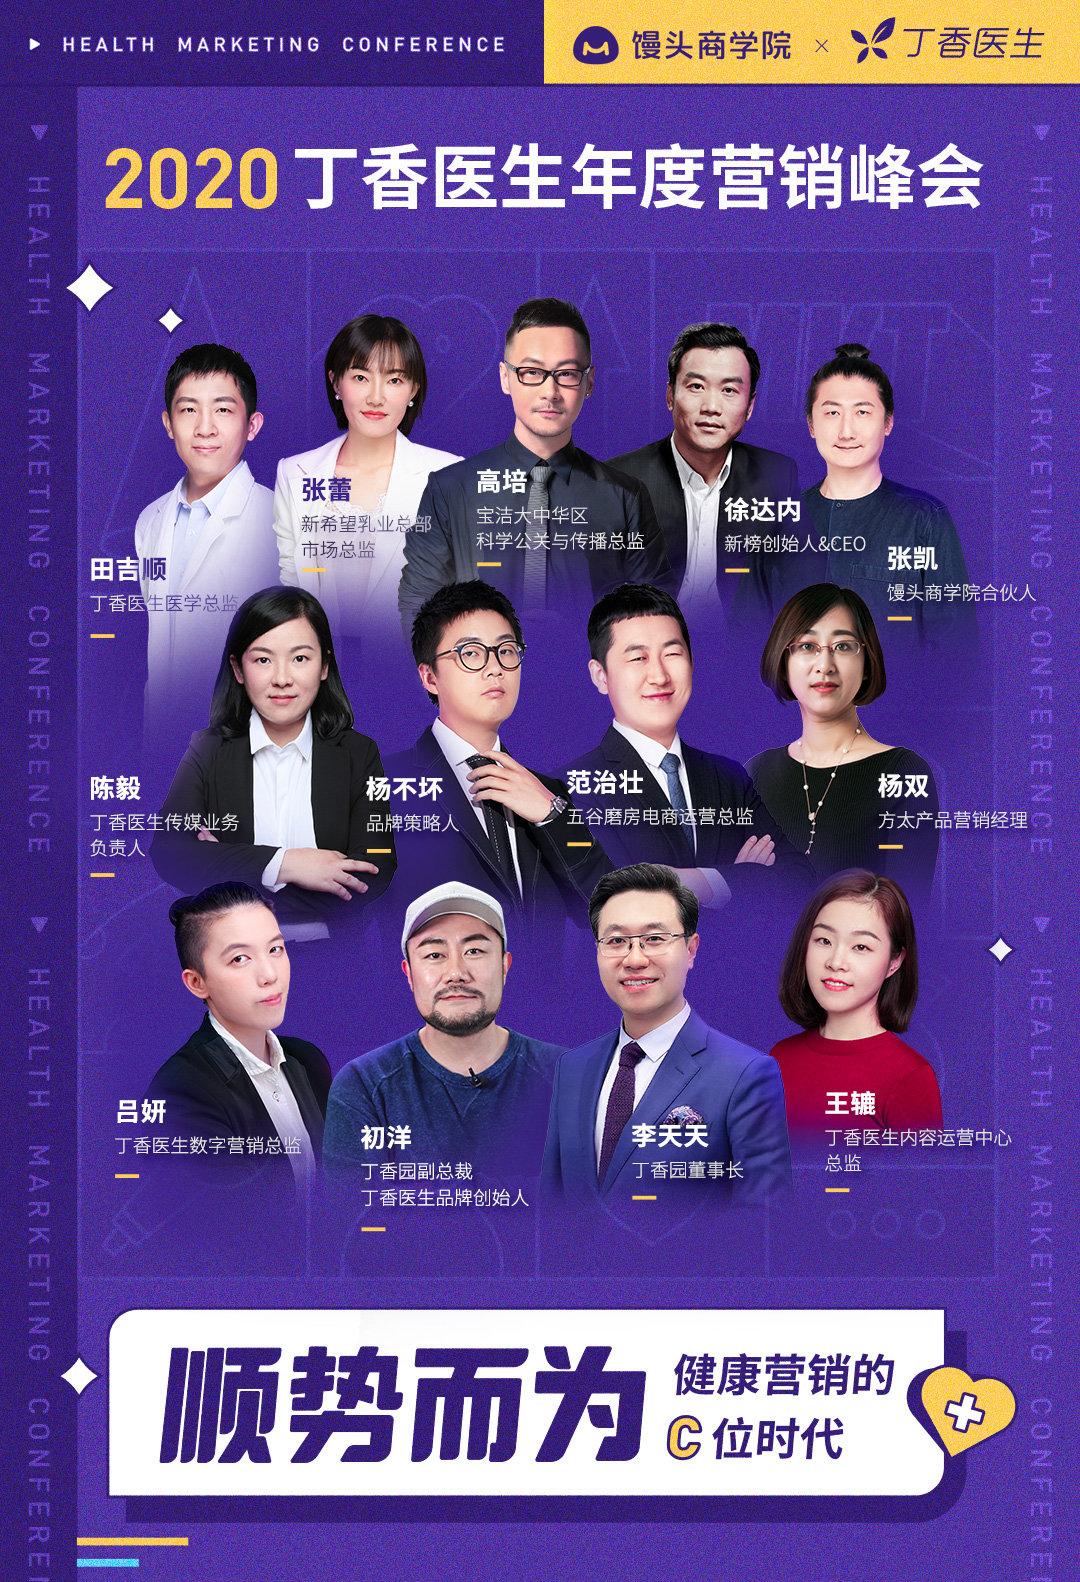 http://mtedu-img.oss-cn-beijing-internal.aliyuncs.com/ueditor/20200820112634_165836.jpg